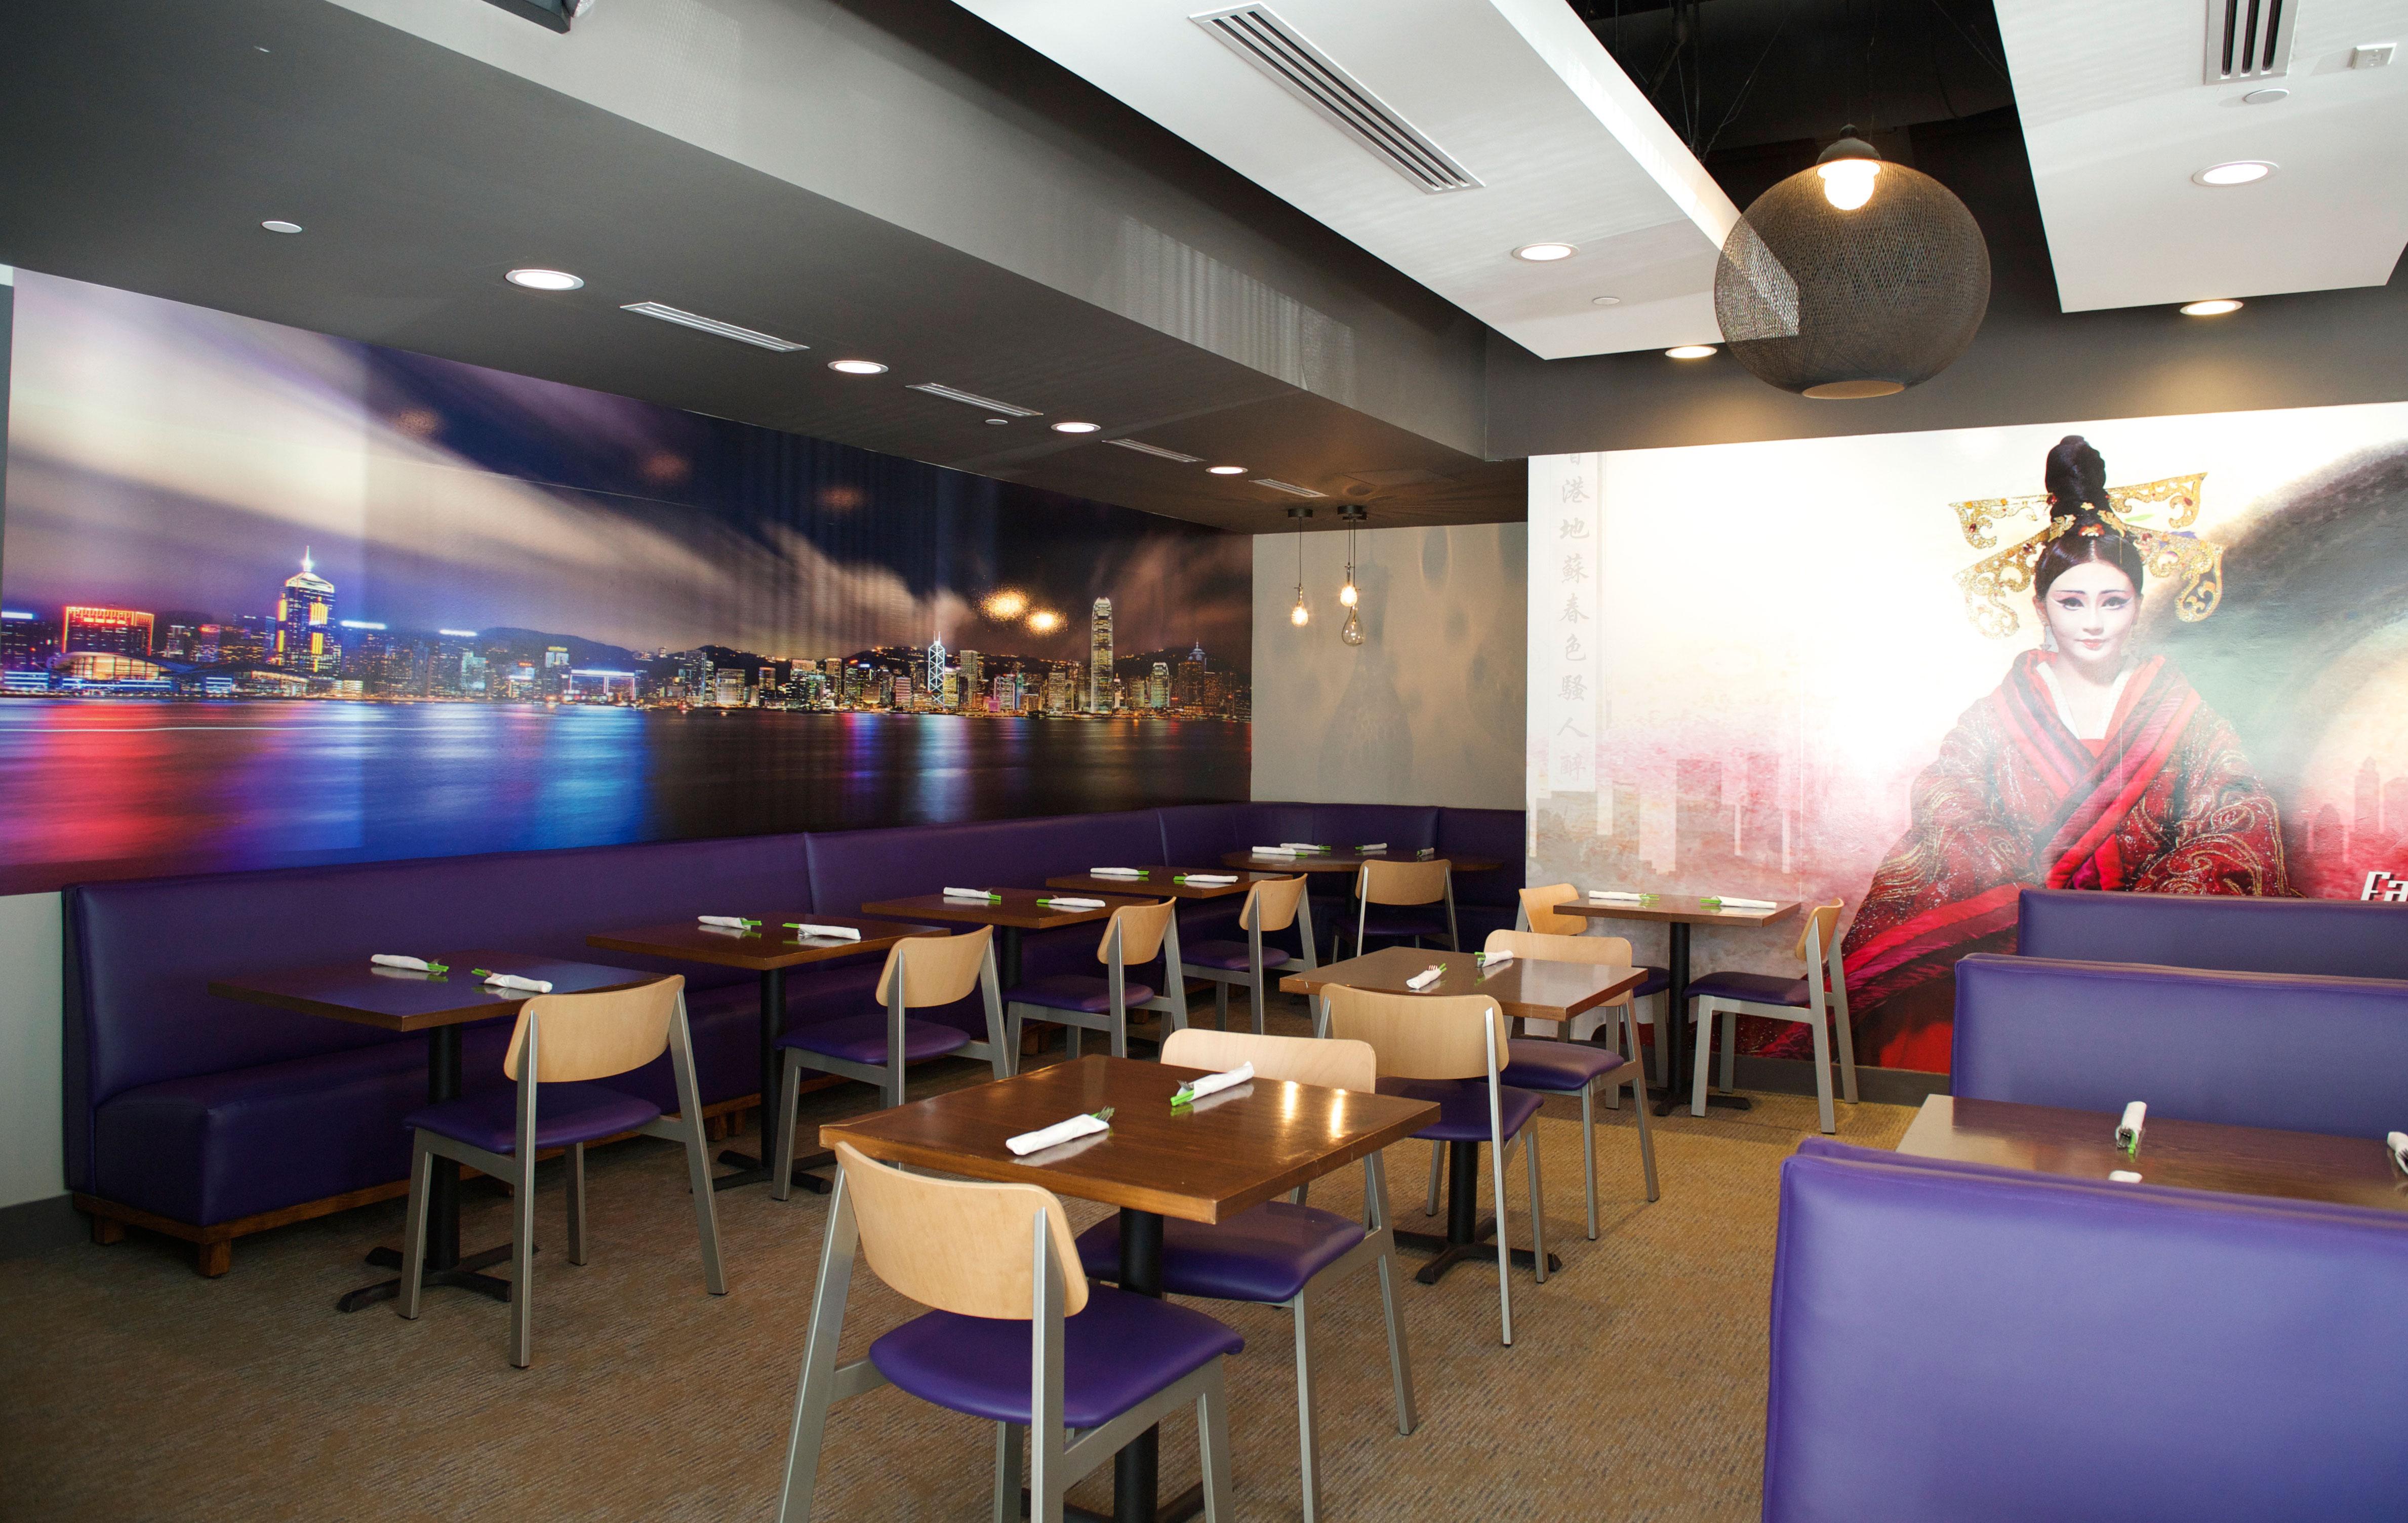 Restaurant Design 2.jpg